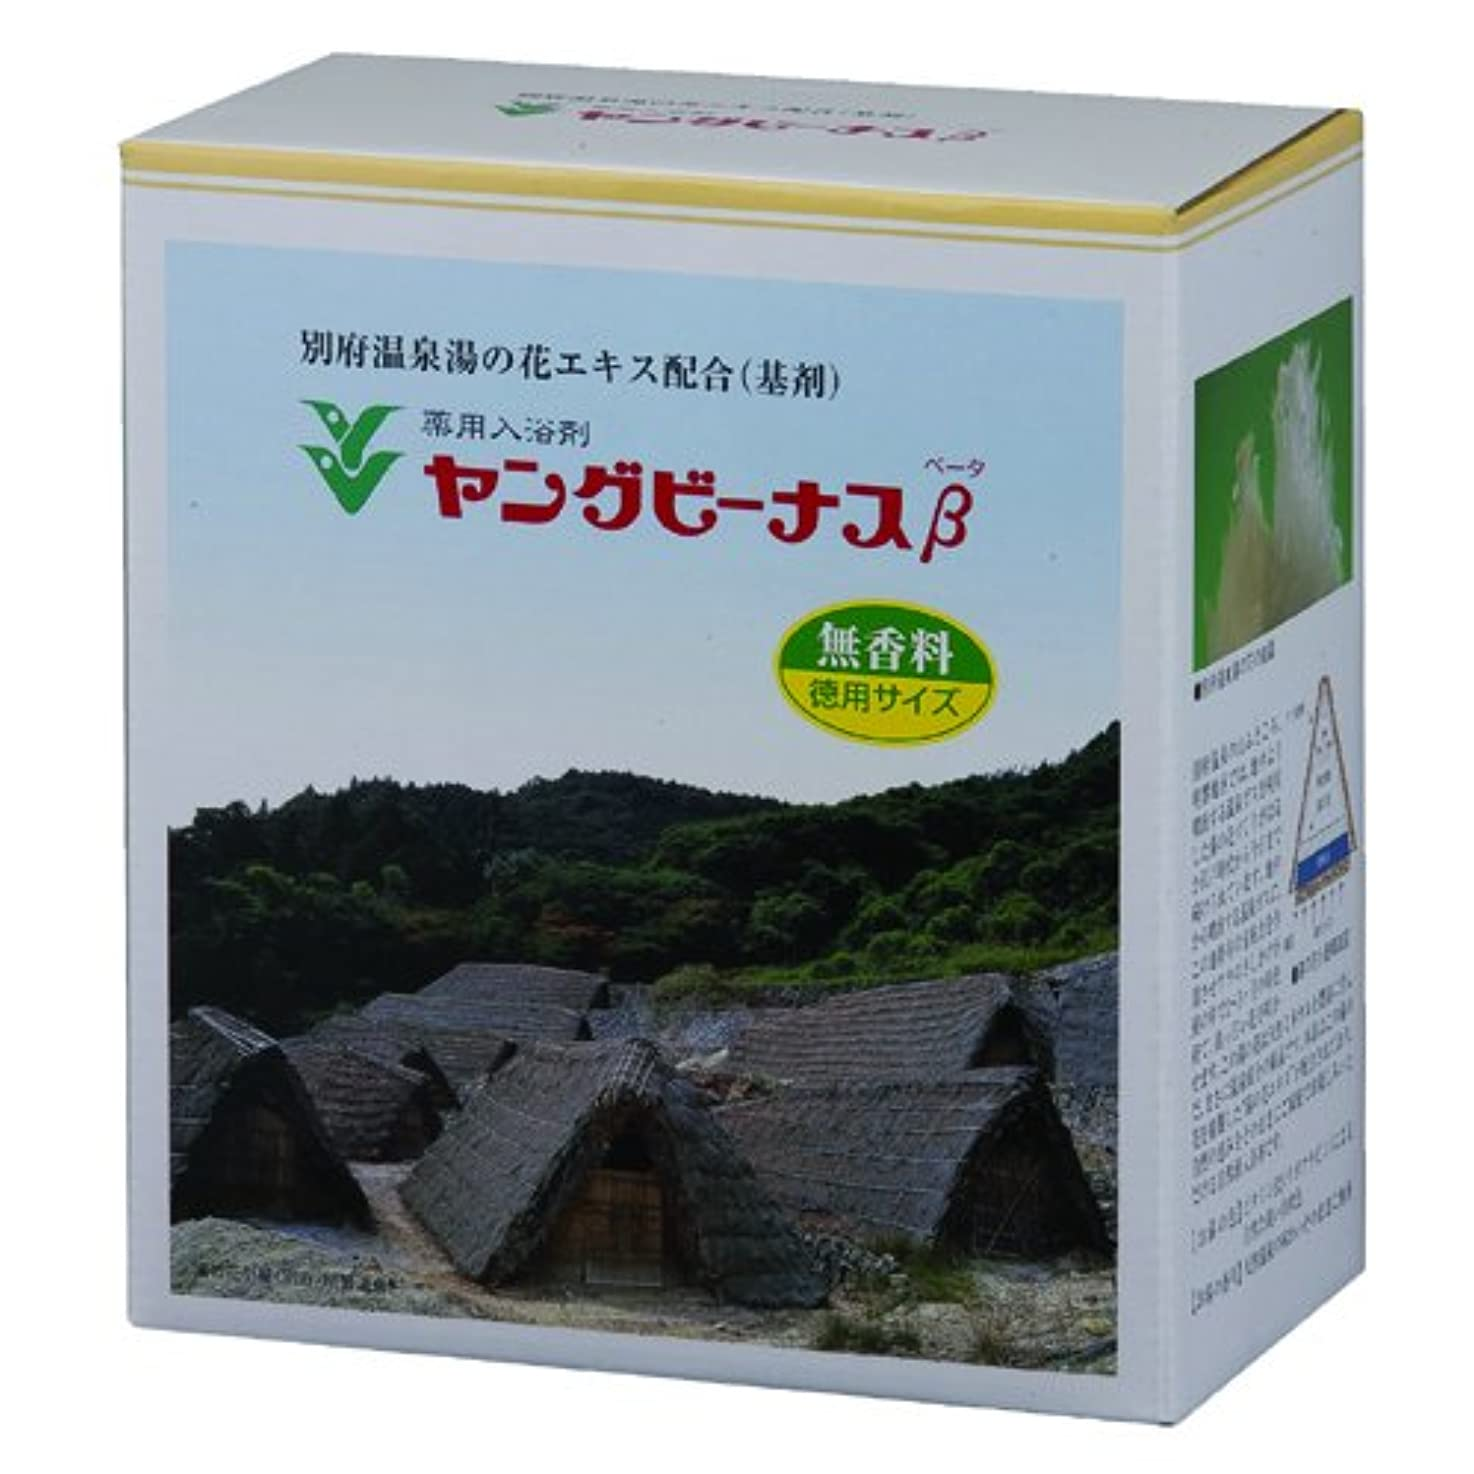 レイチューリップペインティング薬用入浴剤 ヤングビーナスβ 徳用サイズCX-30β